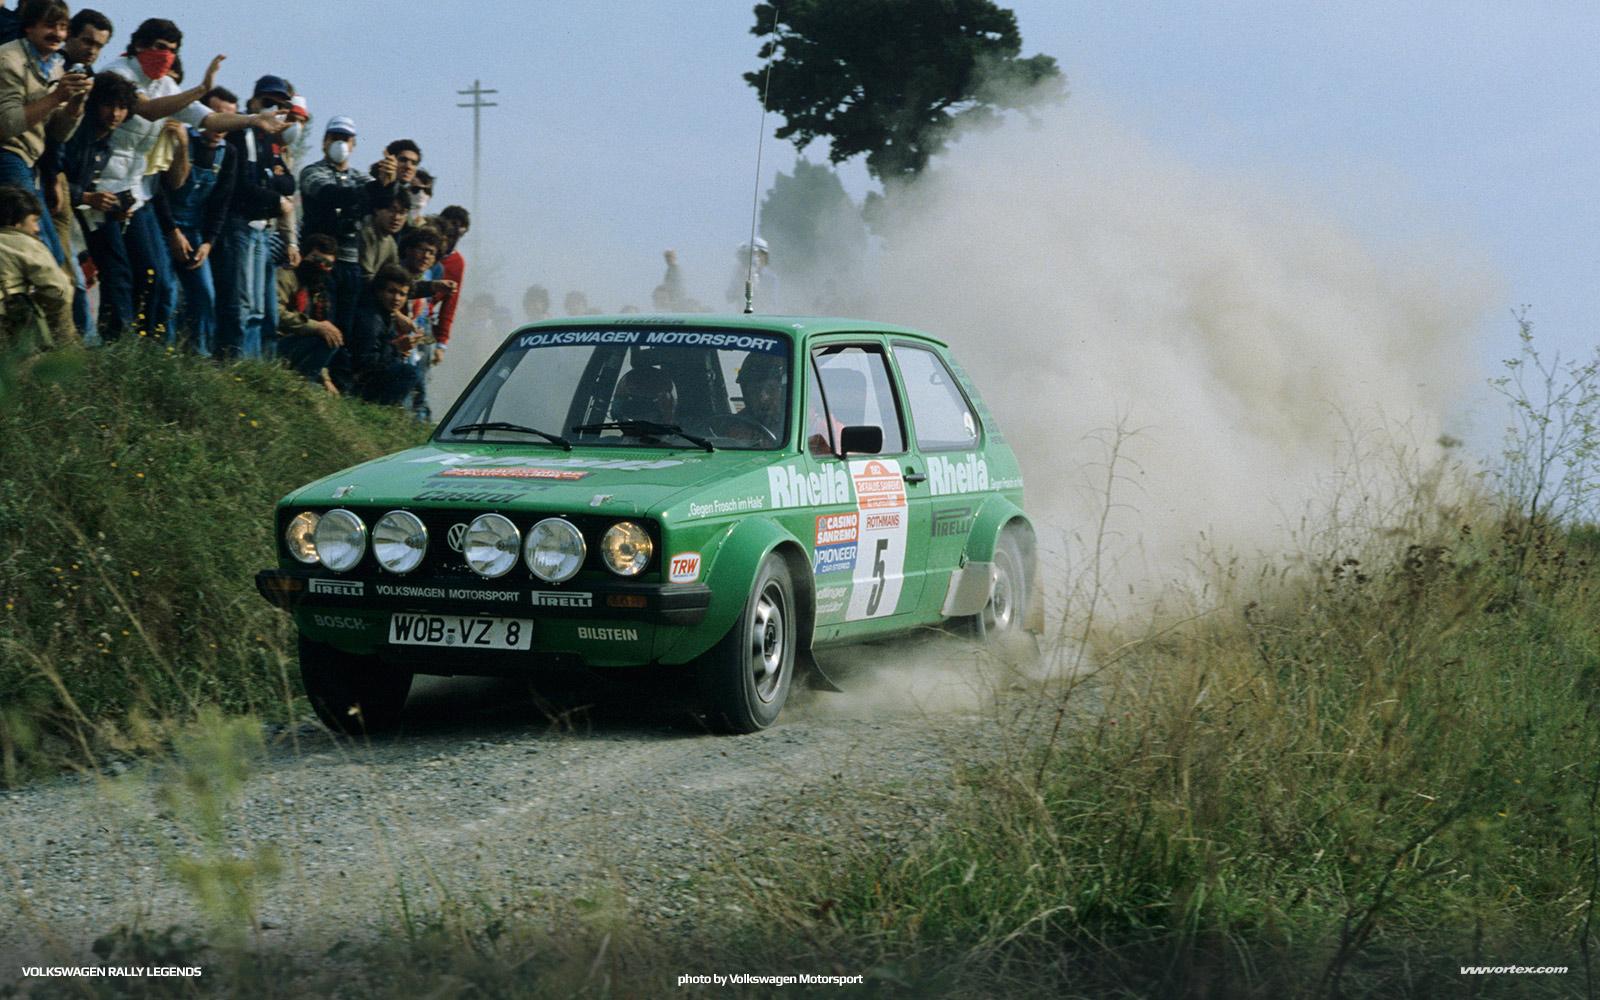 volkswagen-rally-legends-388